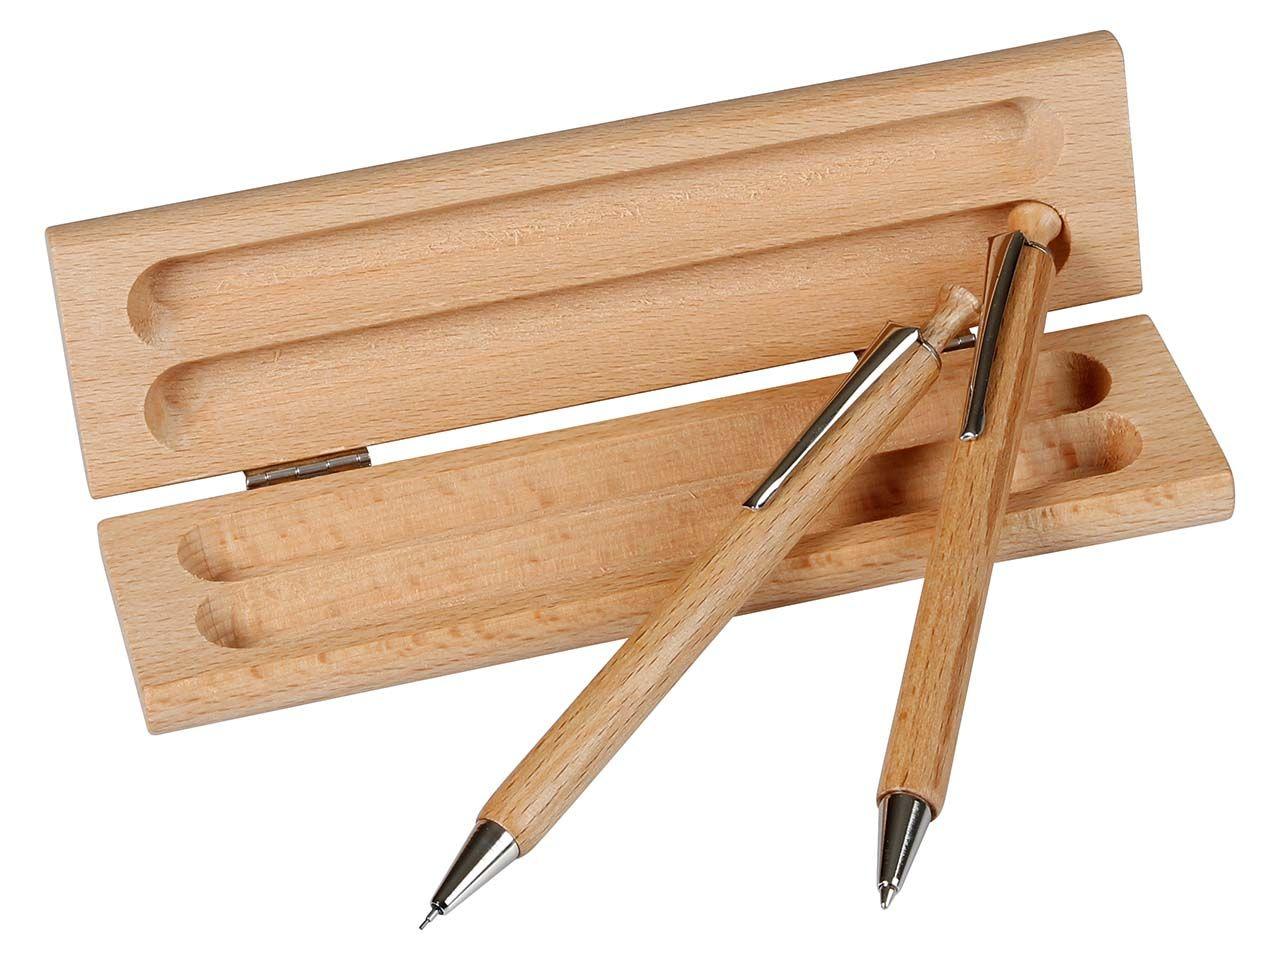 Holzetui eckig mit Druckbleistift und Kugelschreiber